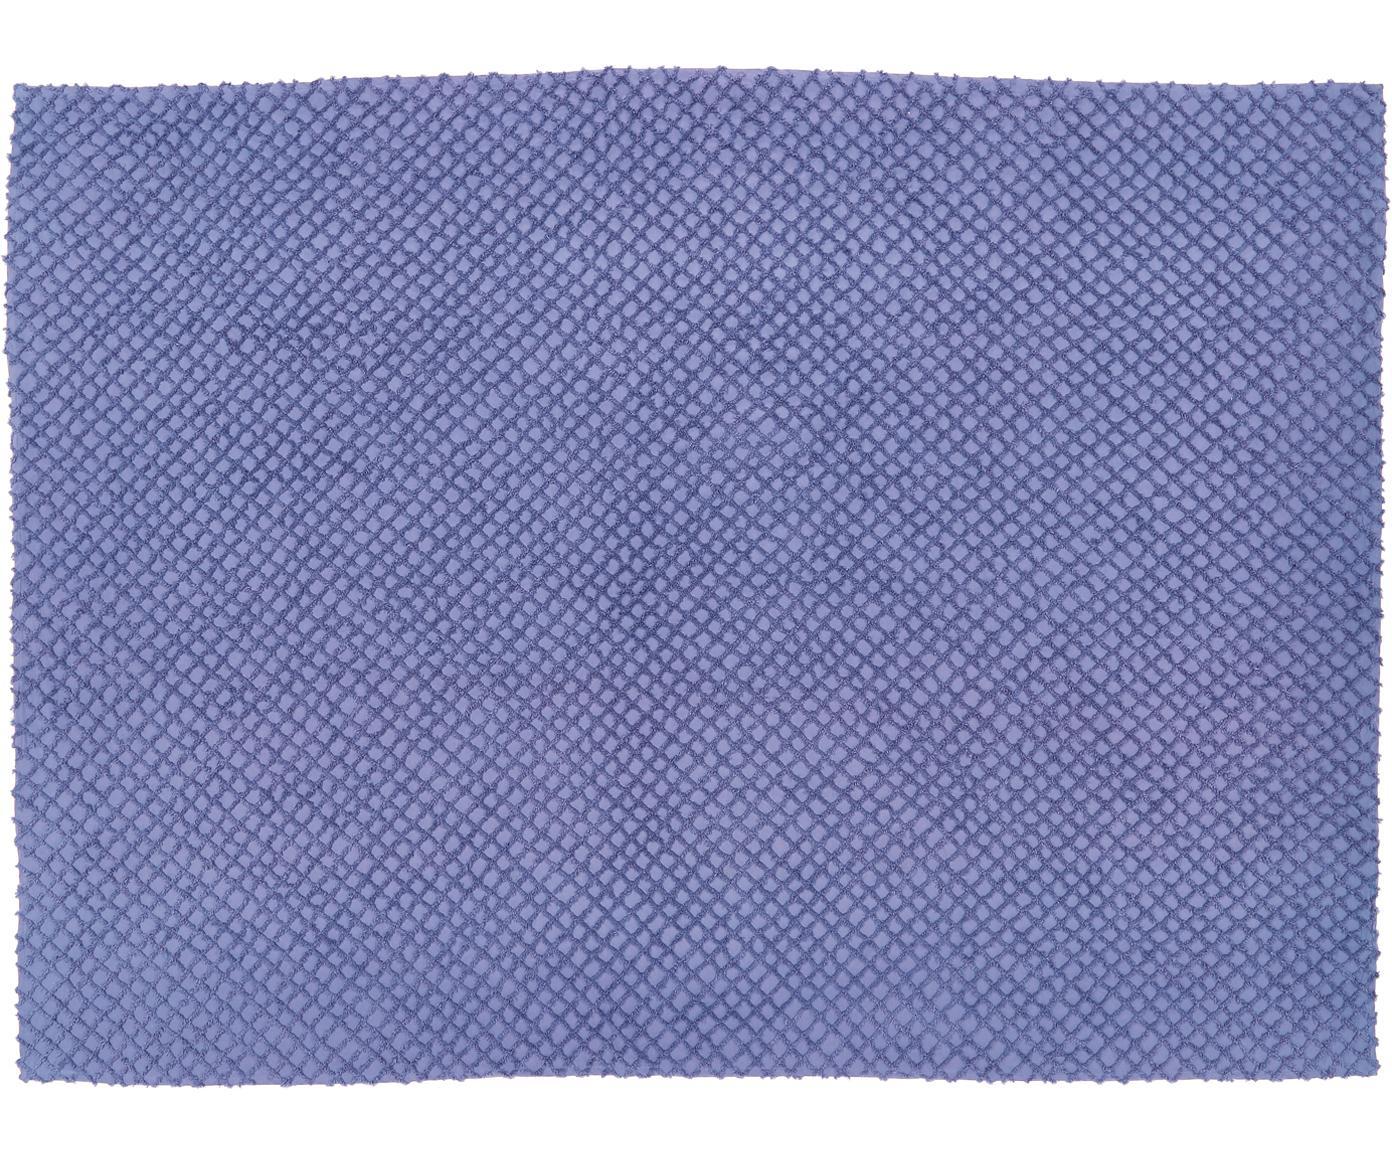 Narzuta z wypukłym wzorem Royal, Bawełna, Niebieski, S 180 x D 260 cm